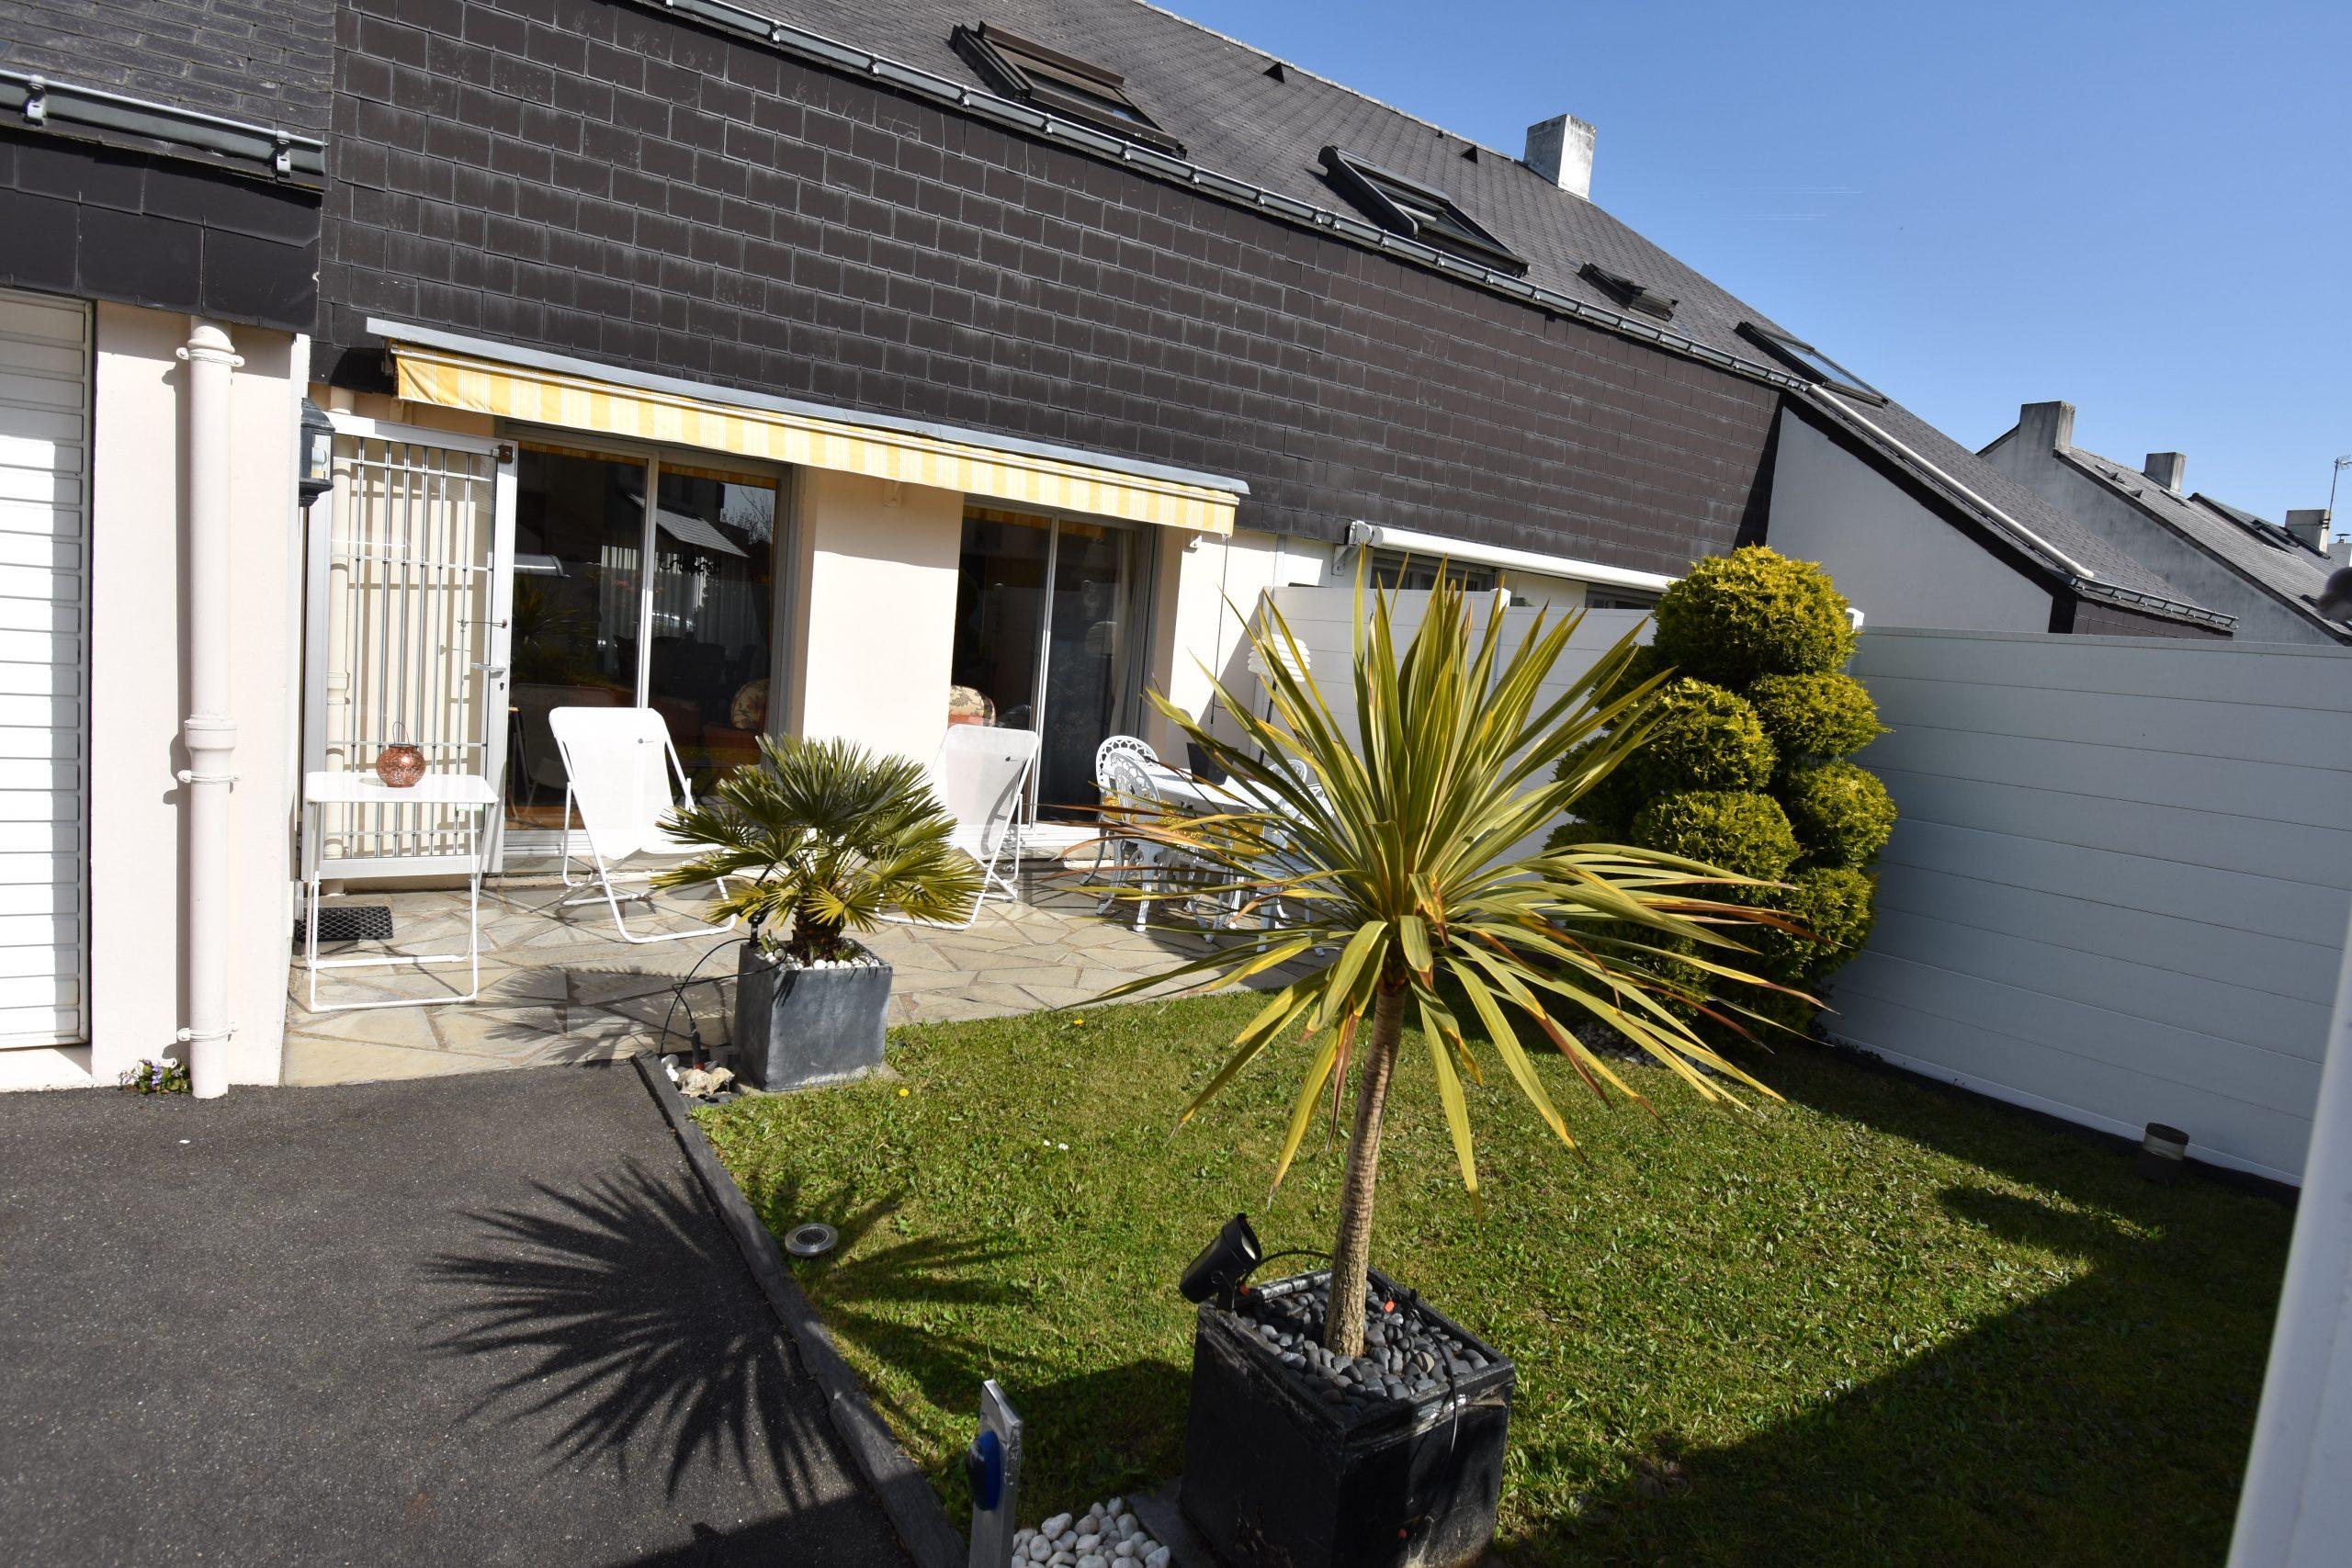 Maison familiale avec cheminée garage jardinet